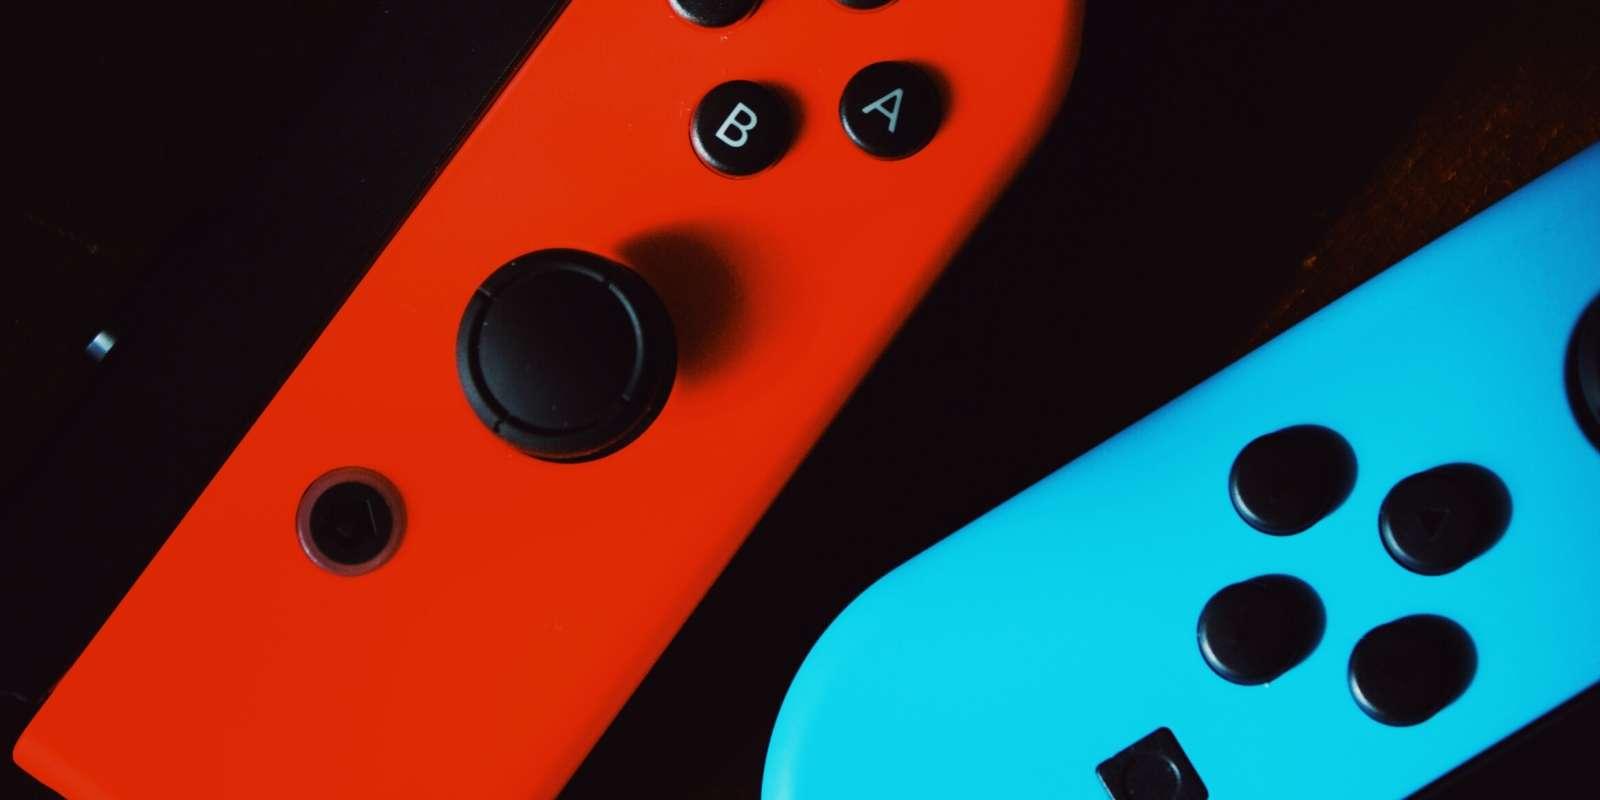 La Nintendo Switch fera incontestablement partie des cadeaux les plus offerts pour ce Noël. ©Unsplash